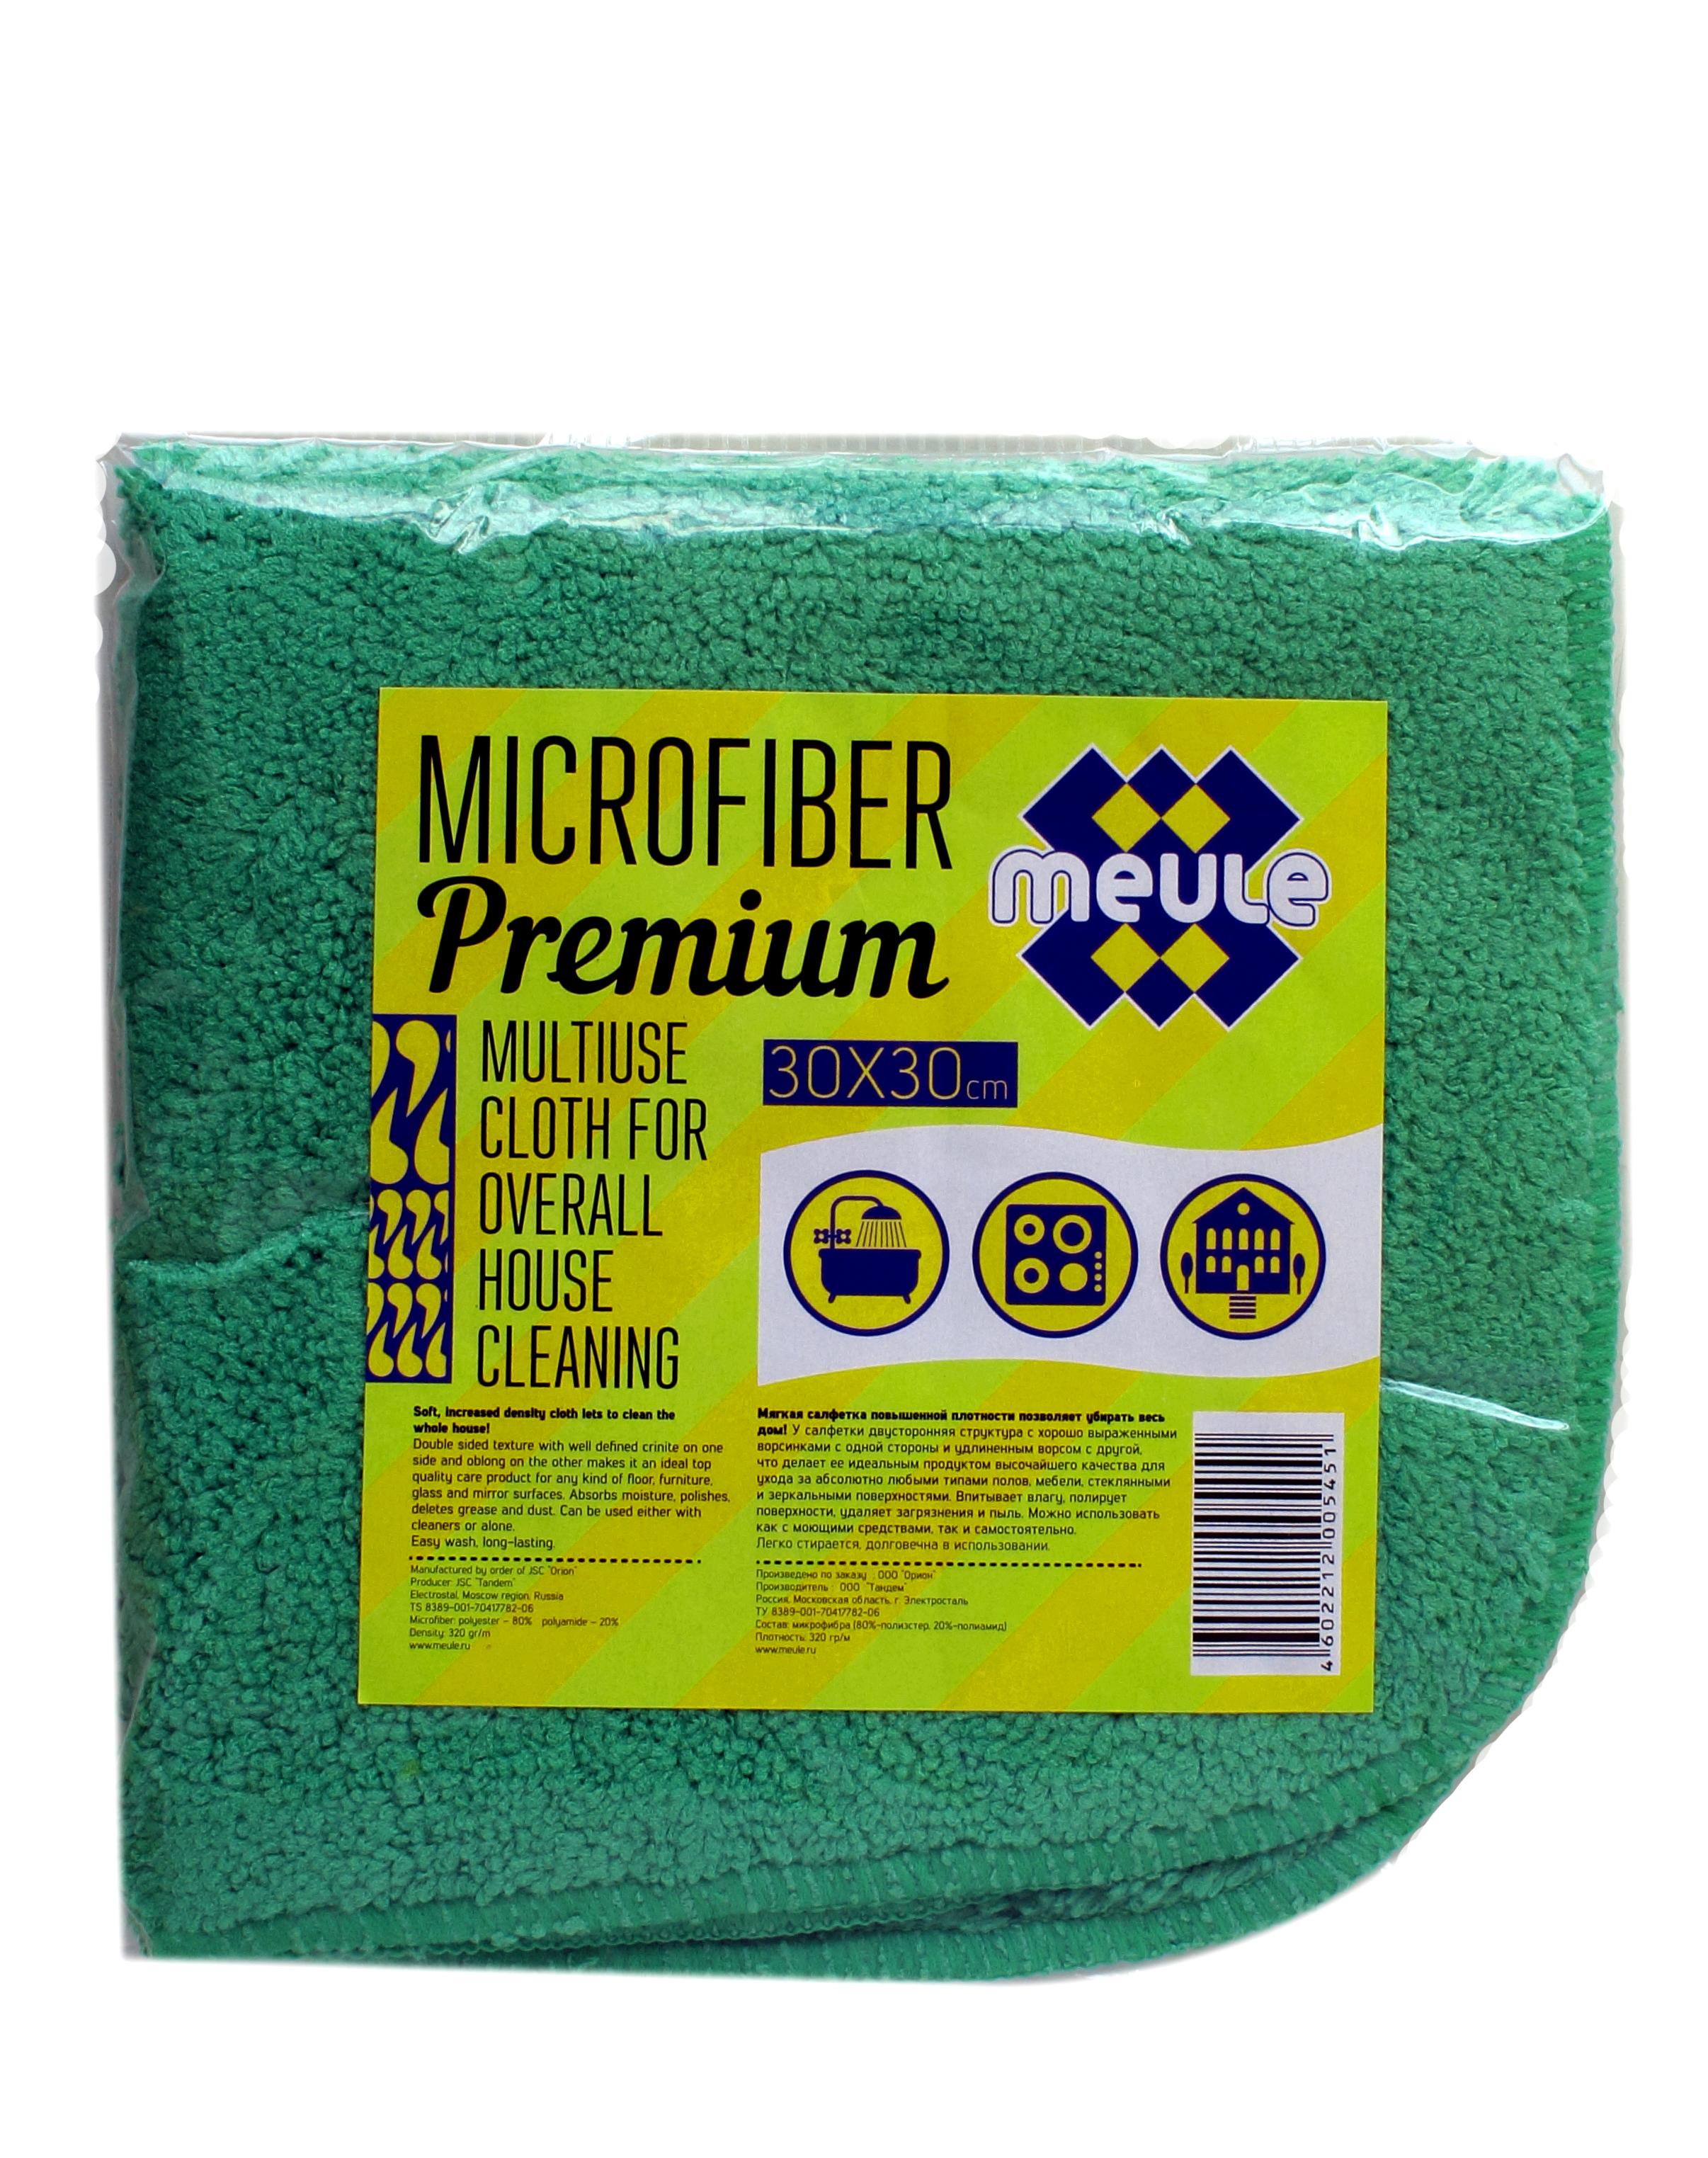 Салфетка для уборки Meule, универсальная, 30 х 30 см46070092412034602212005451 Meule 30x30cm. 320гр./м MICROFIBER (PREMIUM MULTIUSE CLOTH FOR OVERALL HOUSE CLEANING30x30) Салфетка из микрофибры для генеральной уборки 1/40